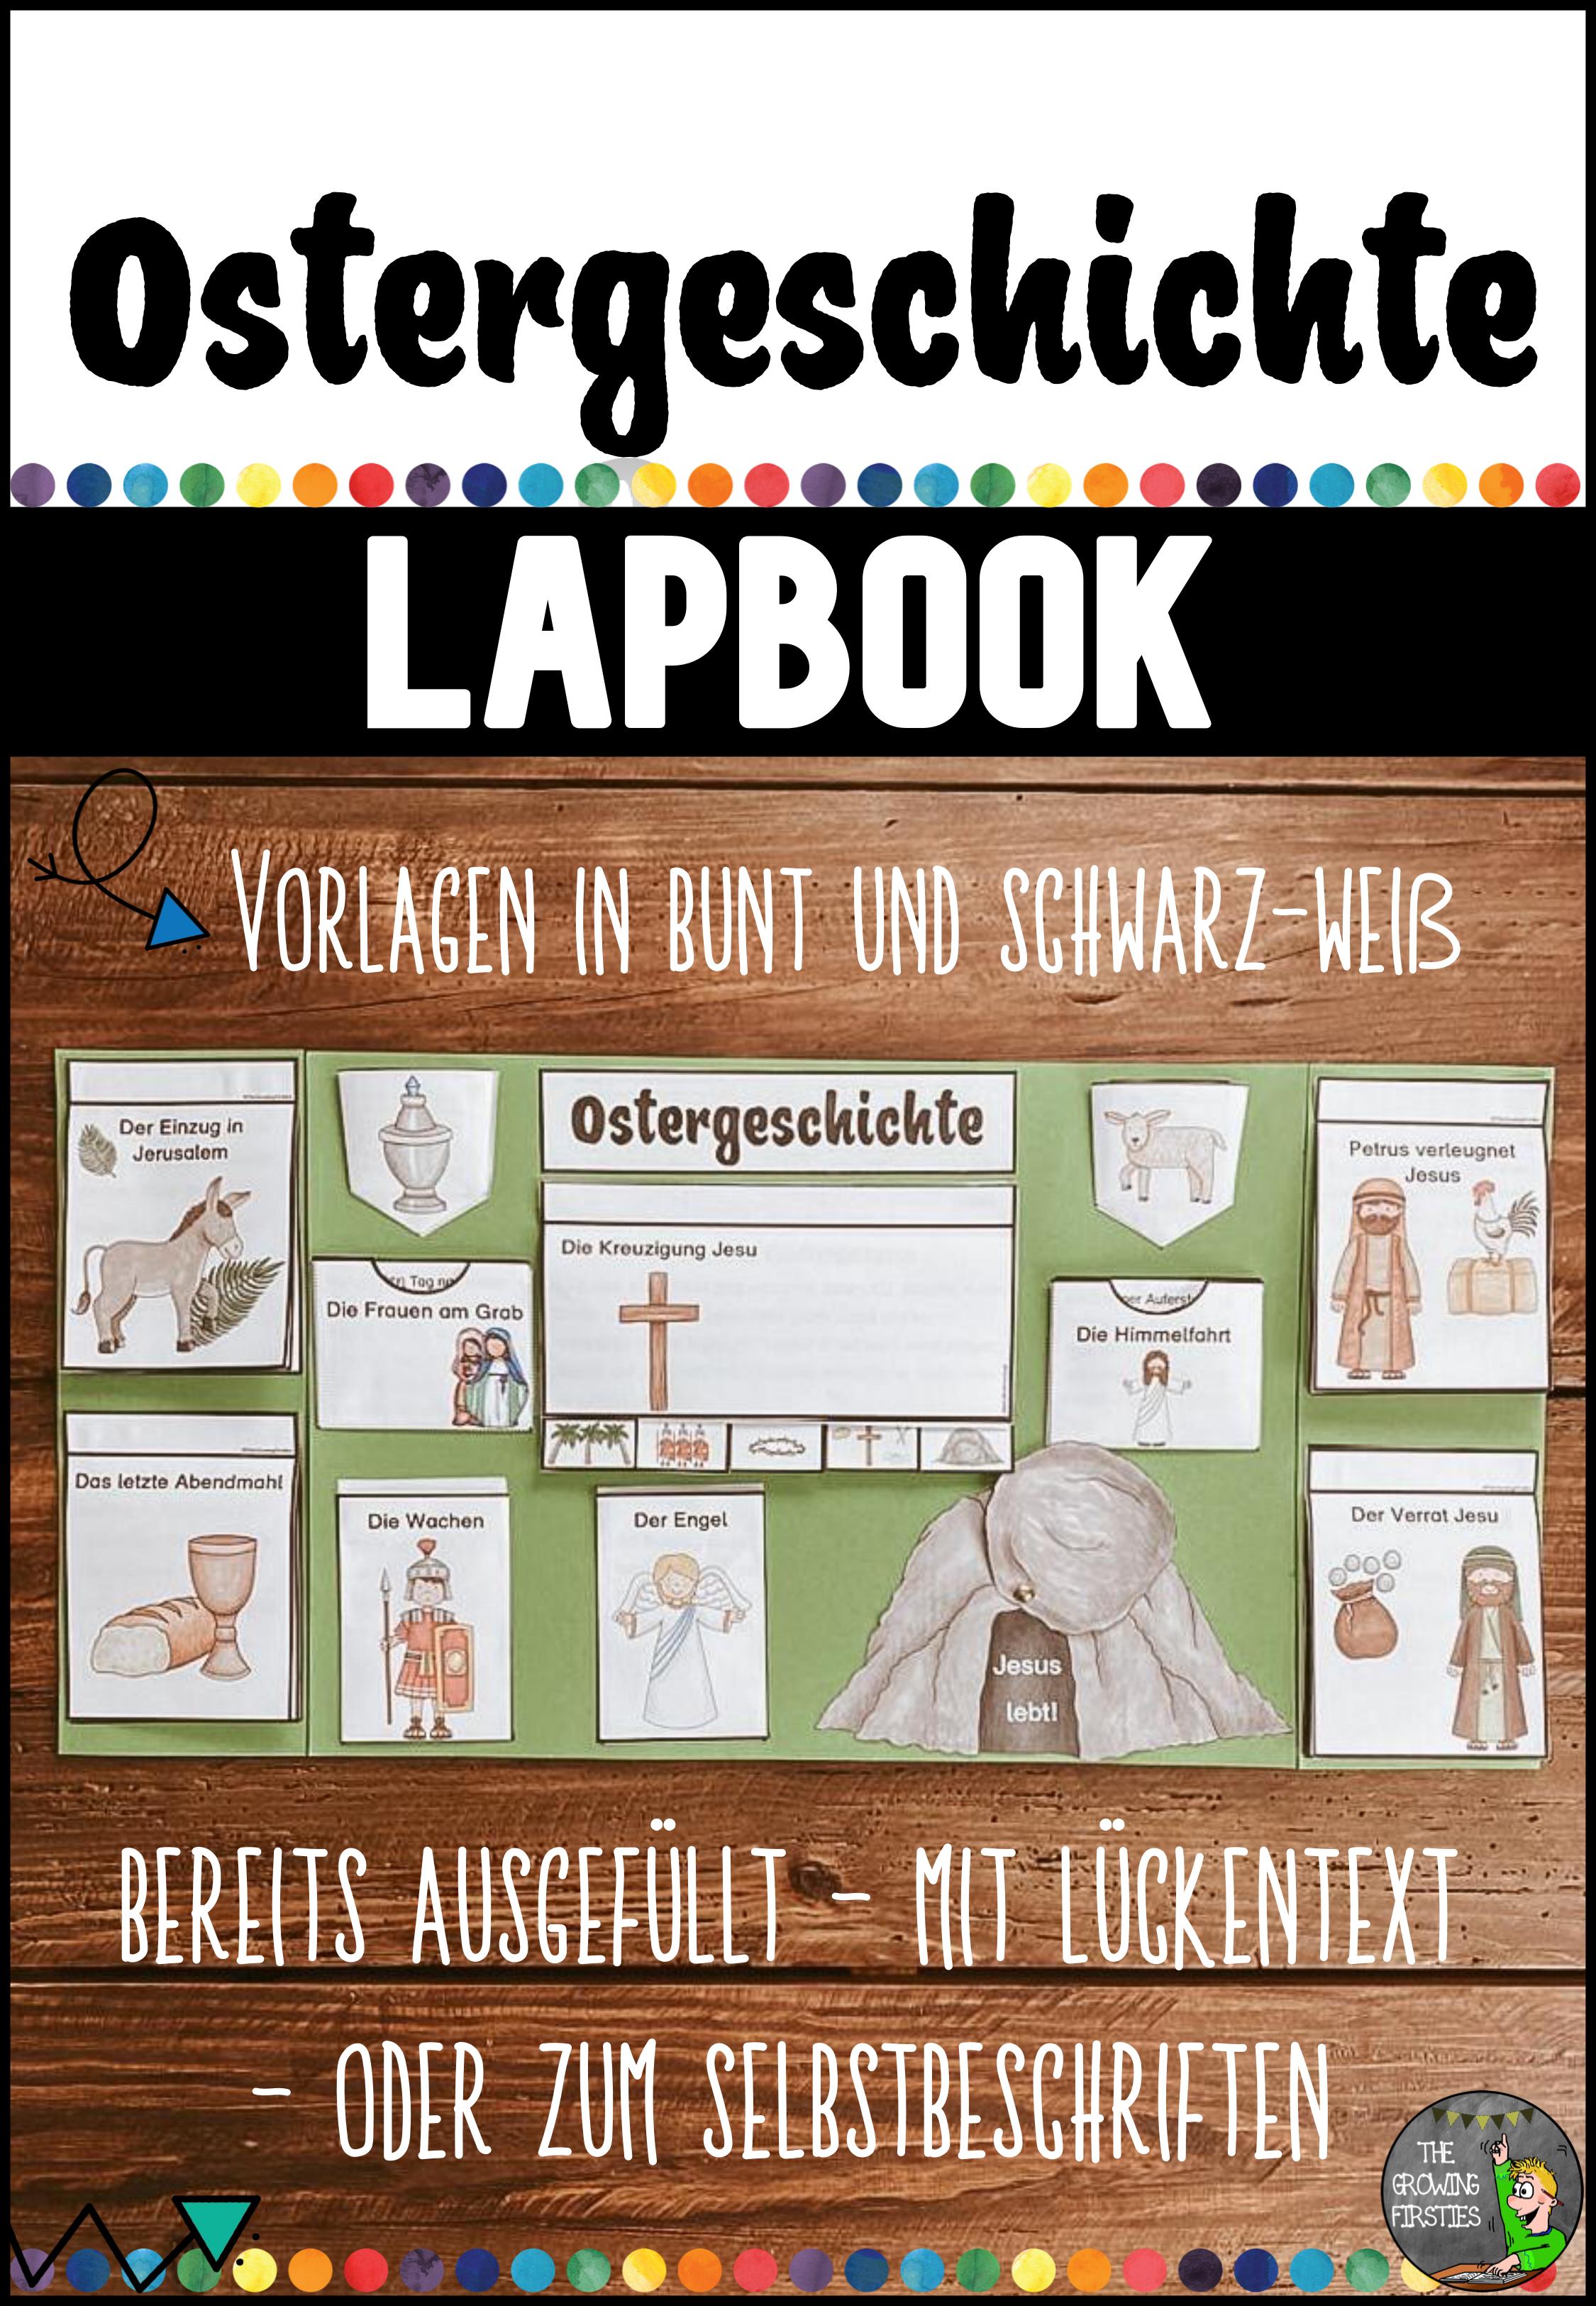 Ideenreise Blog Lapbookvorlagen Rund Ums Gluck 9